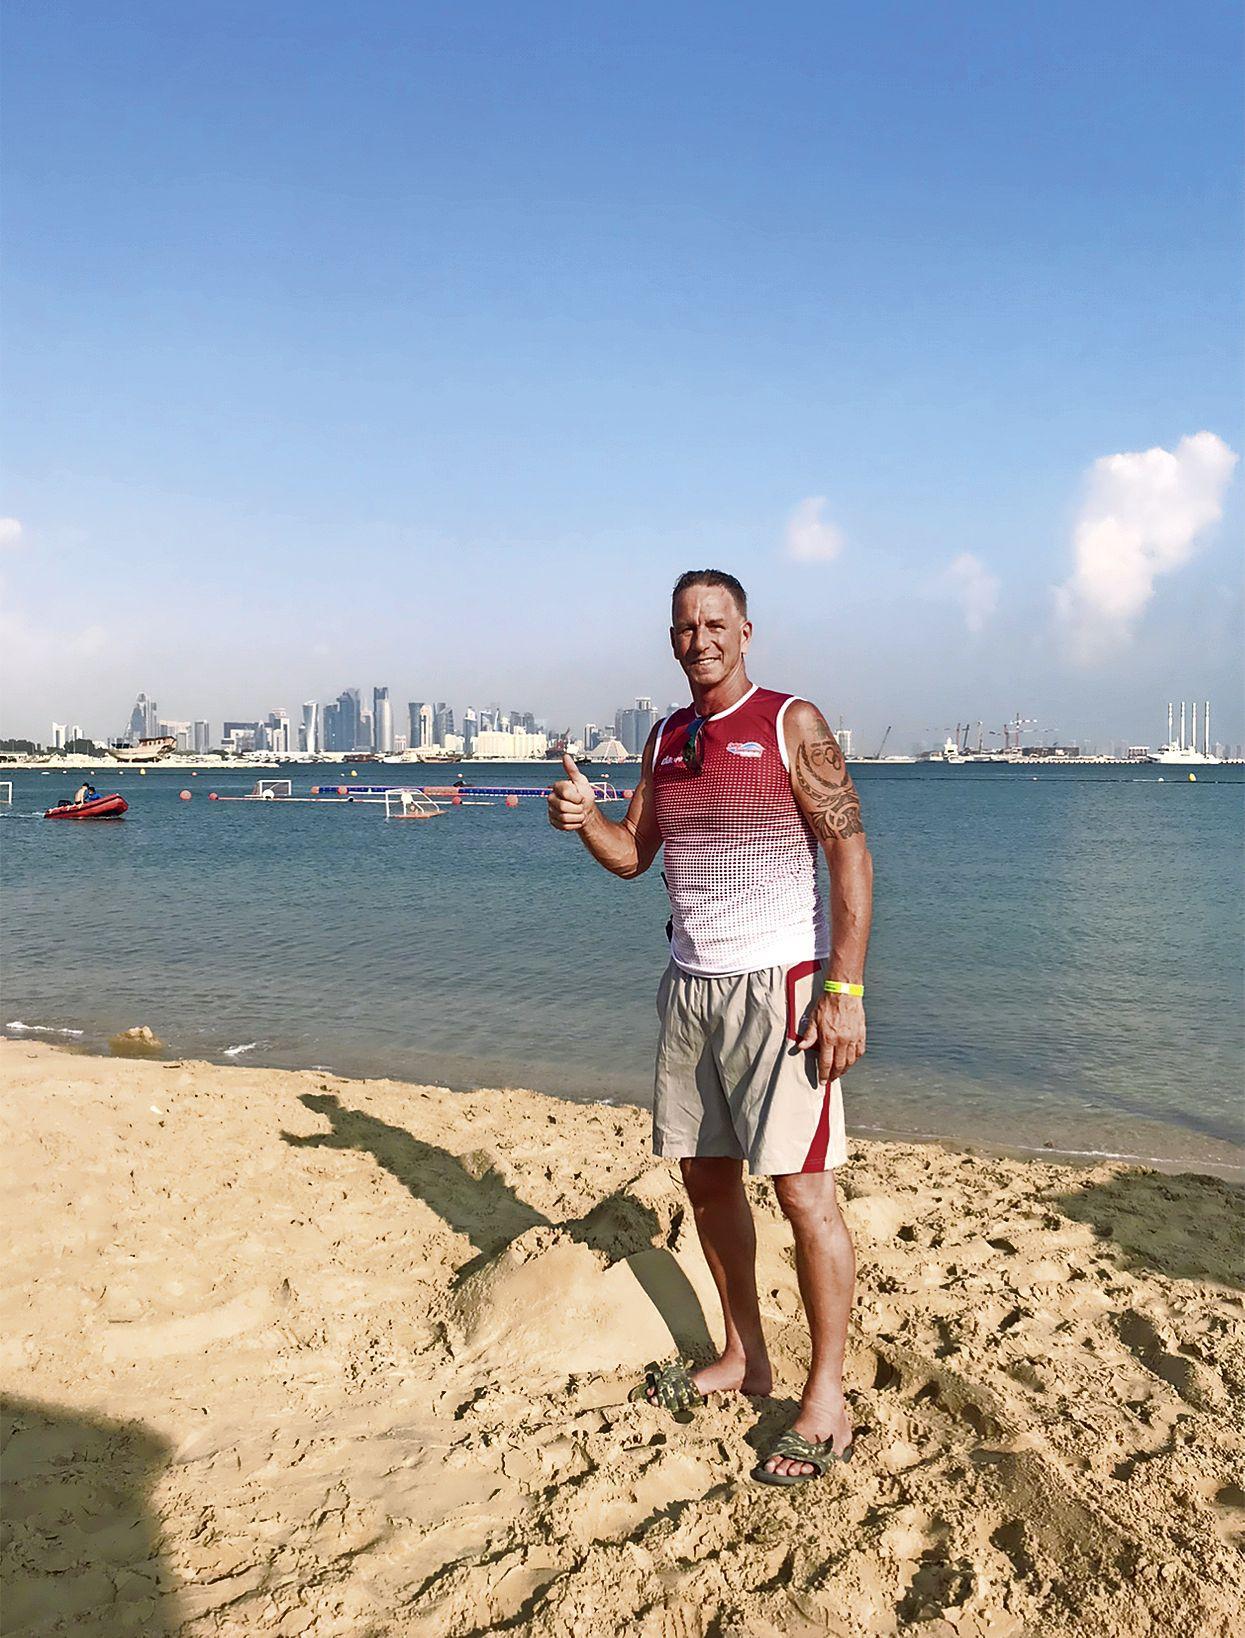 Vroeger was Wouly de Bie bang voor water. Toen werd hij waterpolokeeper en haalde hij de Olympische Spelen. Nu werkt hij in Qatar bij zwemevenementen